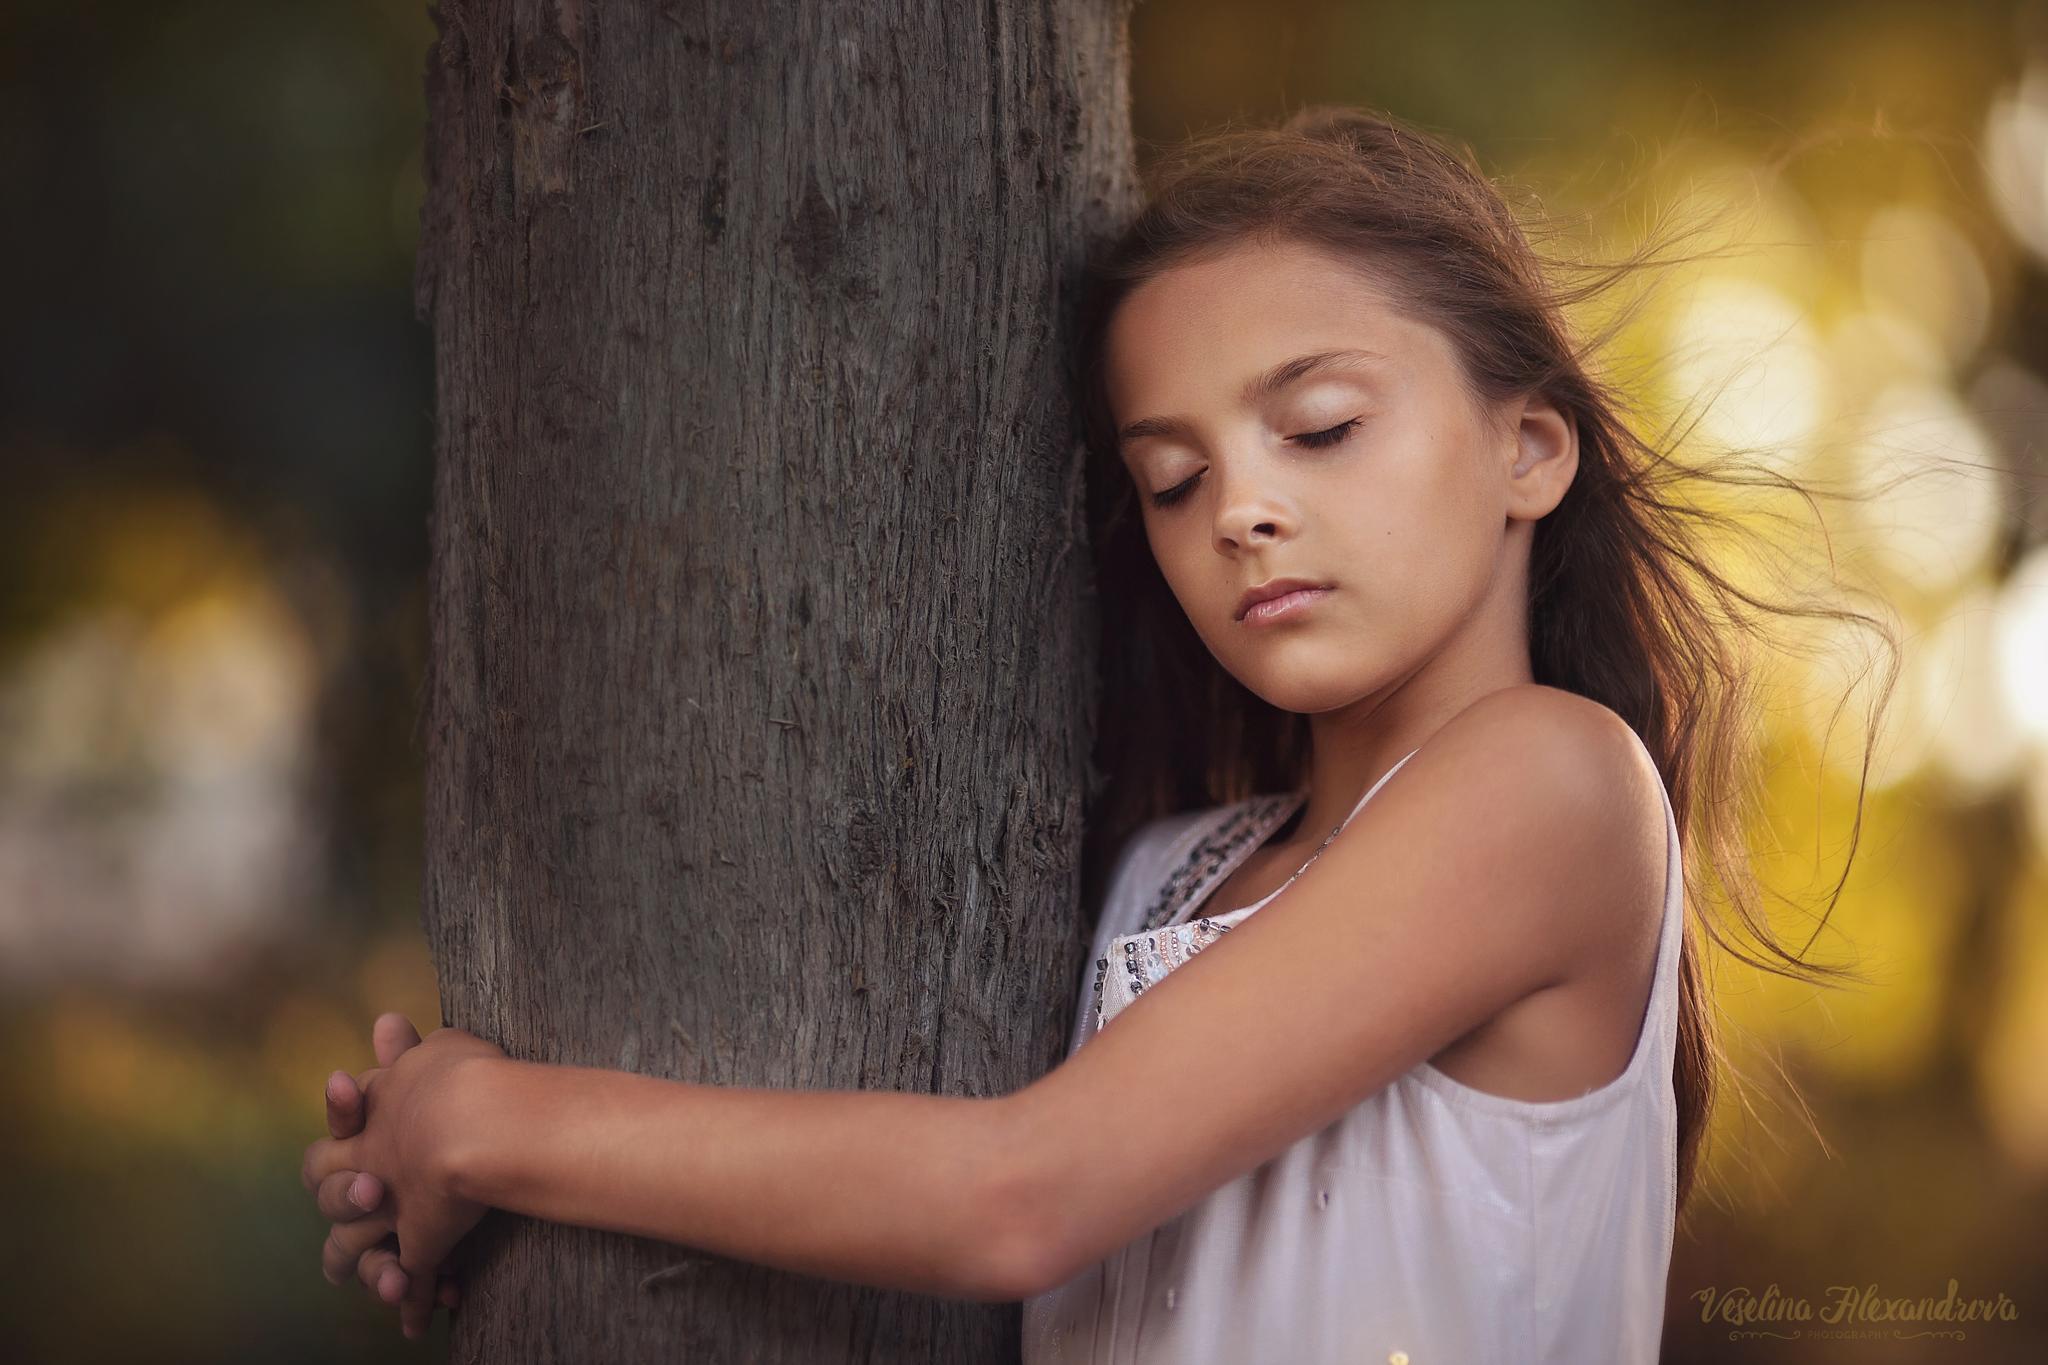 Just breathe by Veselina Alexandrova